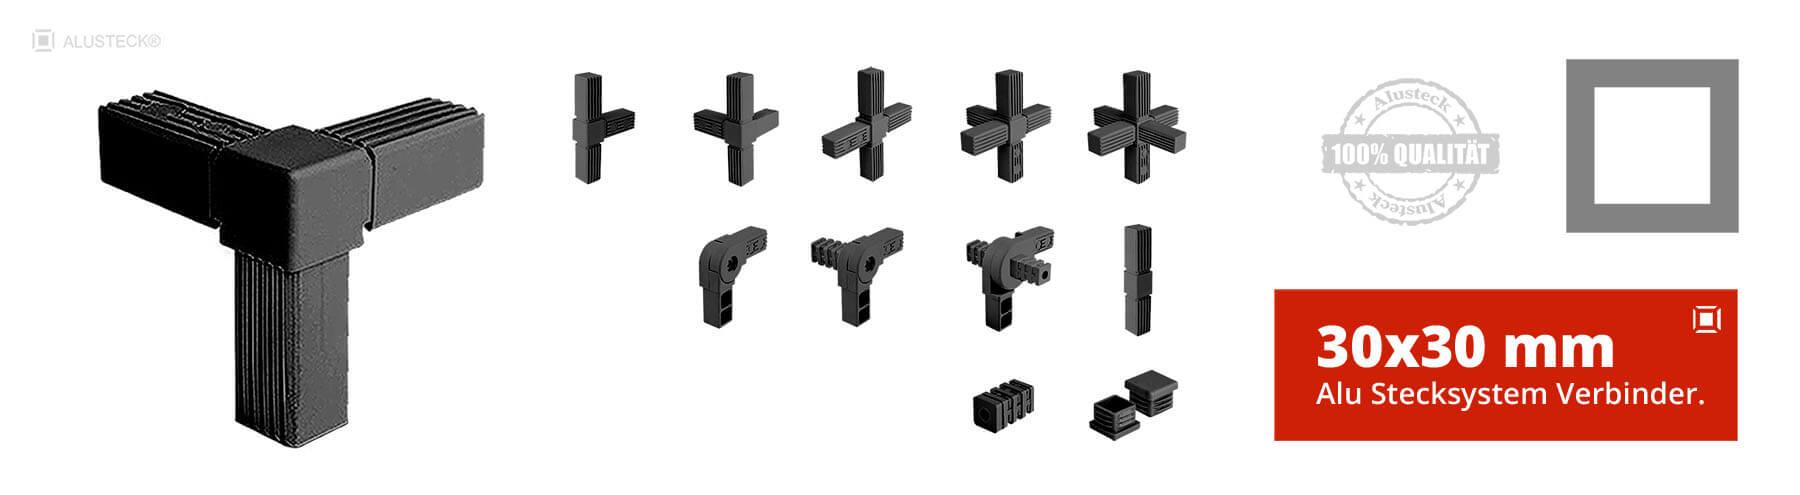 Steckverbinder Rohrverbinder Vierkantverbinder 30x30mm Stecksystem  Onlineshop kaufen